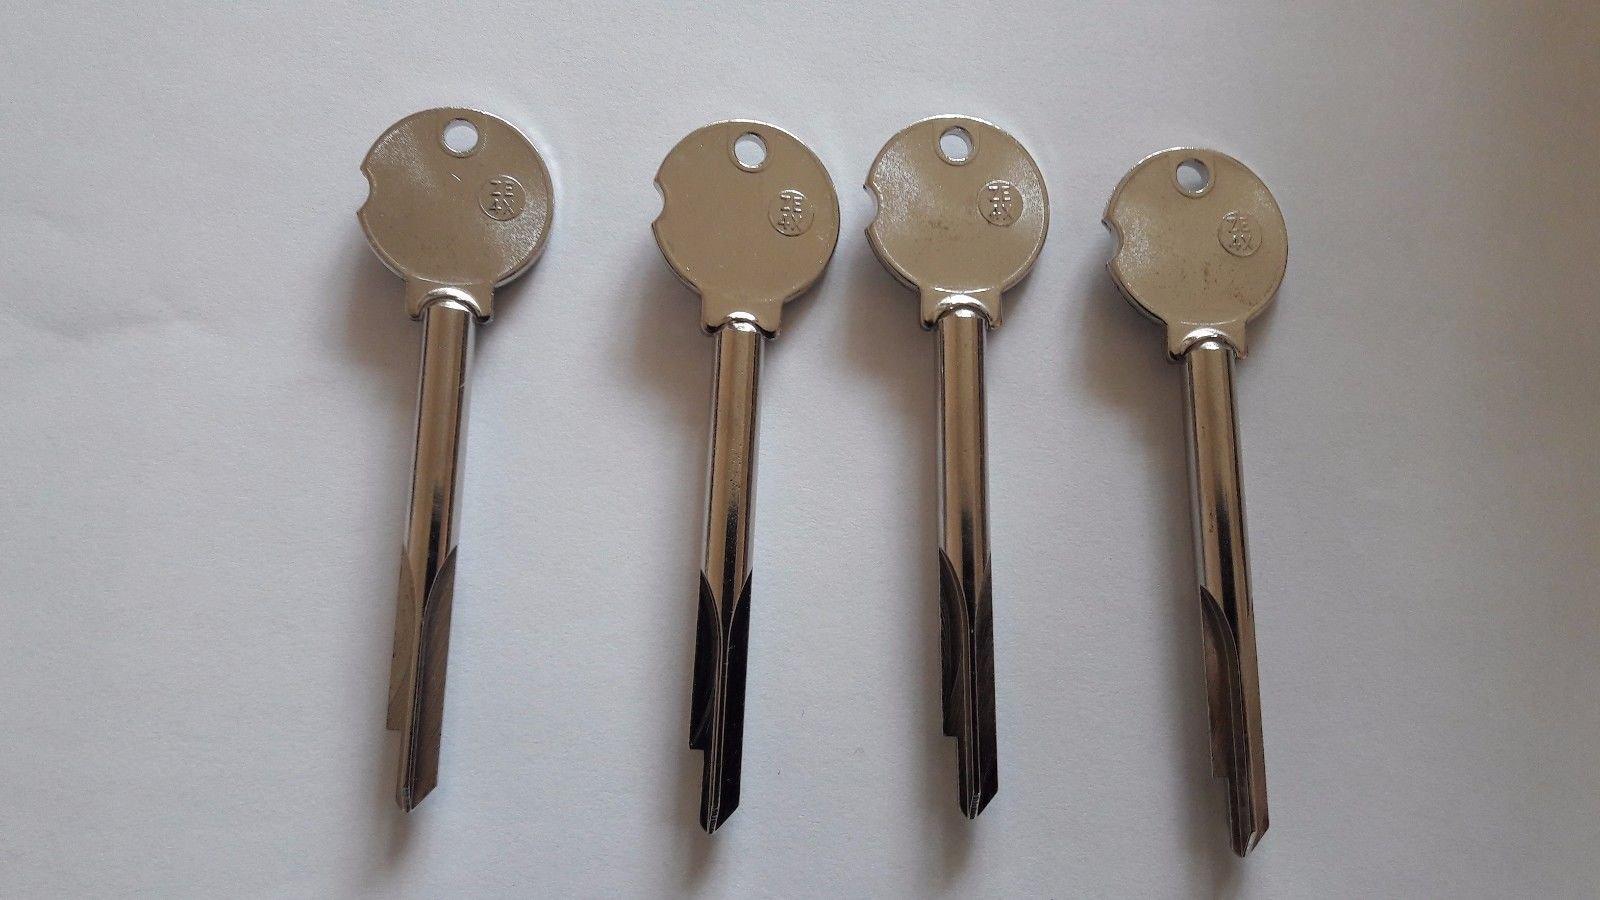 4X ZE-4X JMA/ZEISS IKON Key Blanks